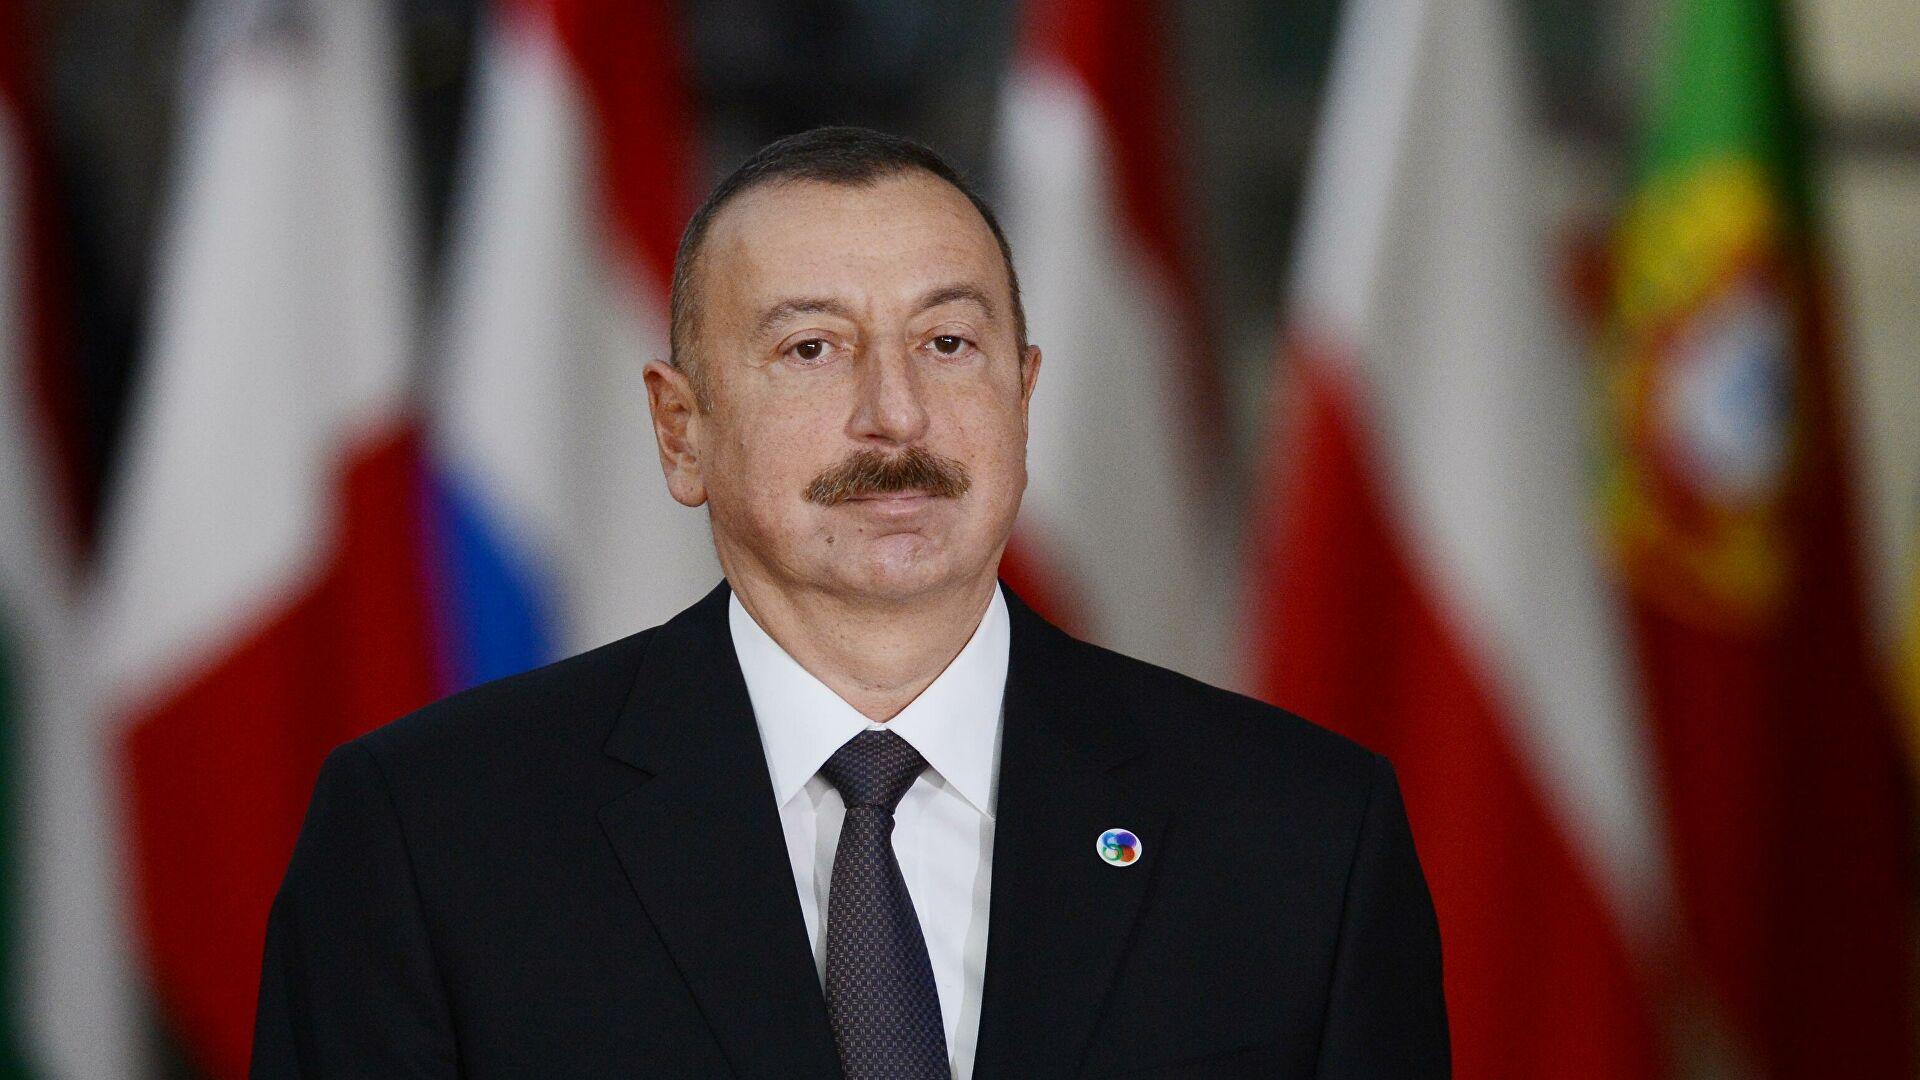 Алијев: Турска и Русија треба да буду гаранти дугорочног мира